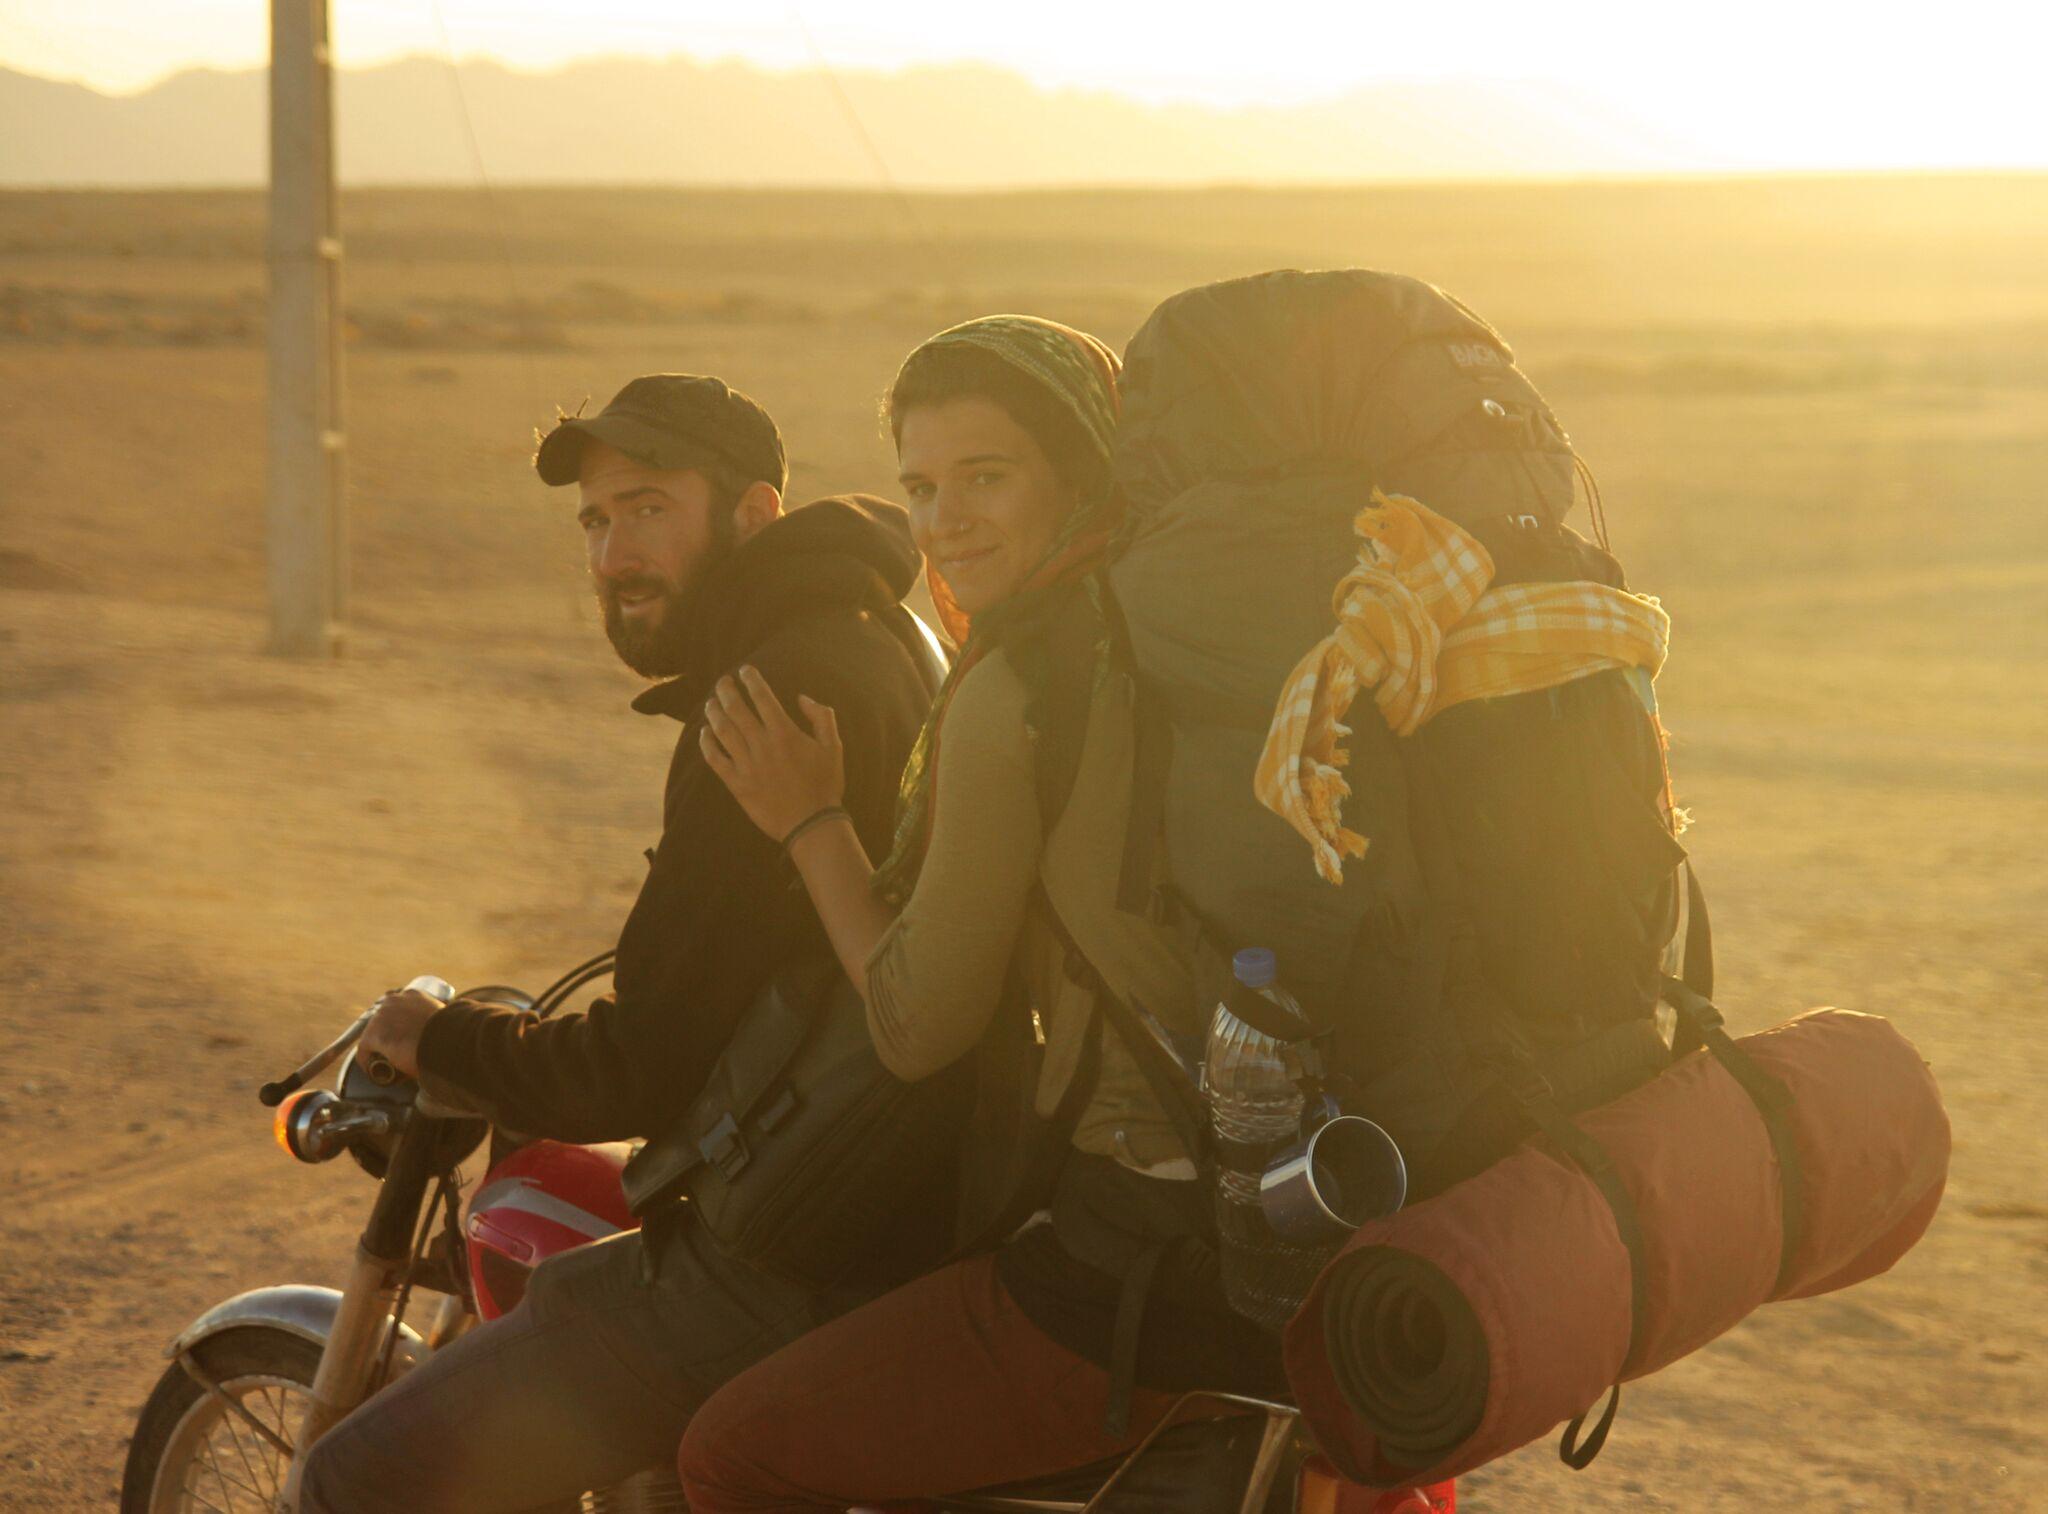 PR 14 Wir leihen uns Motorräder in der iranischen Wüste, Dezember 2013.jpg